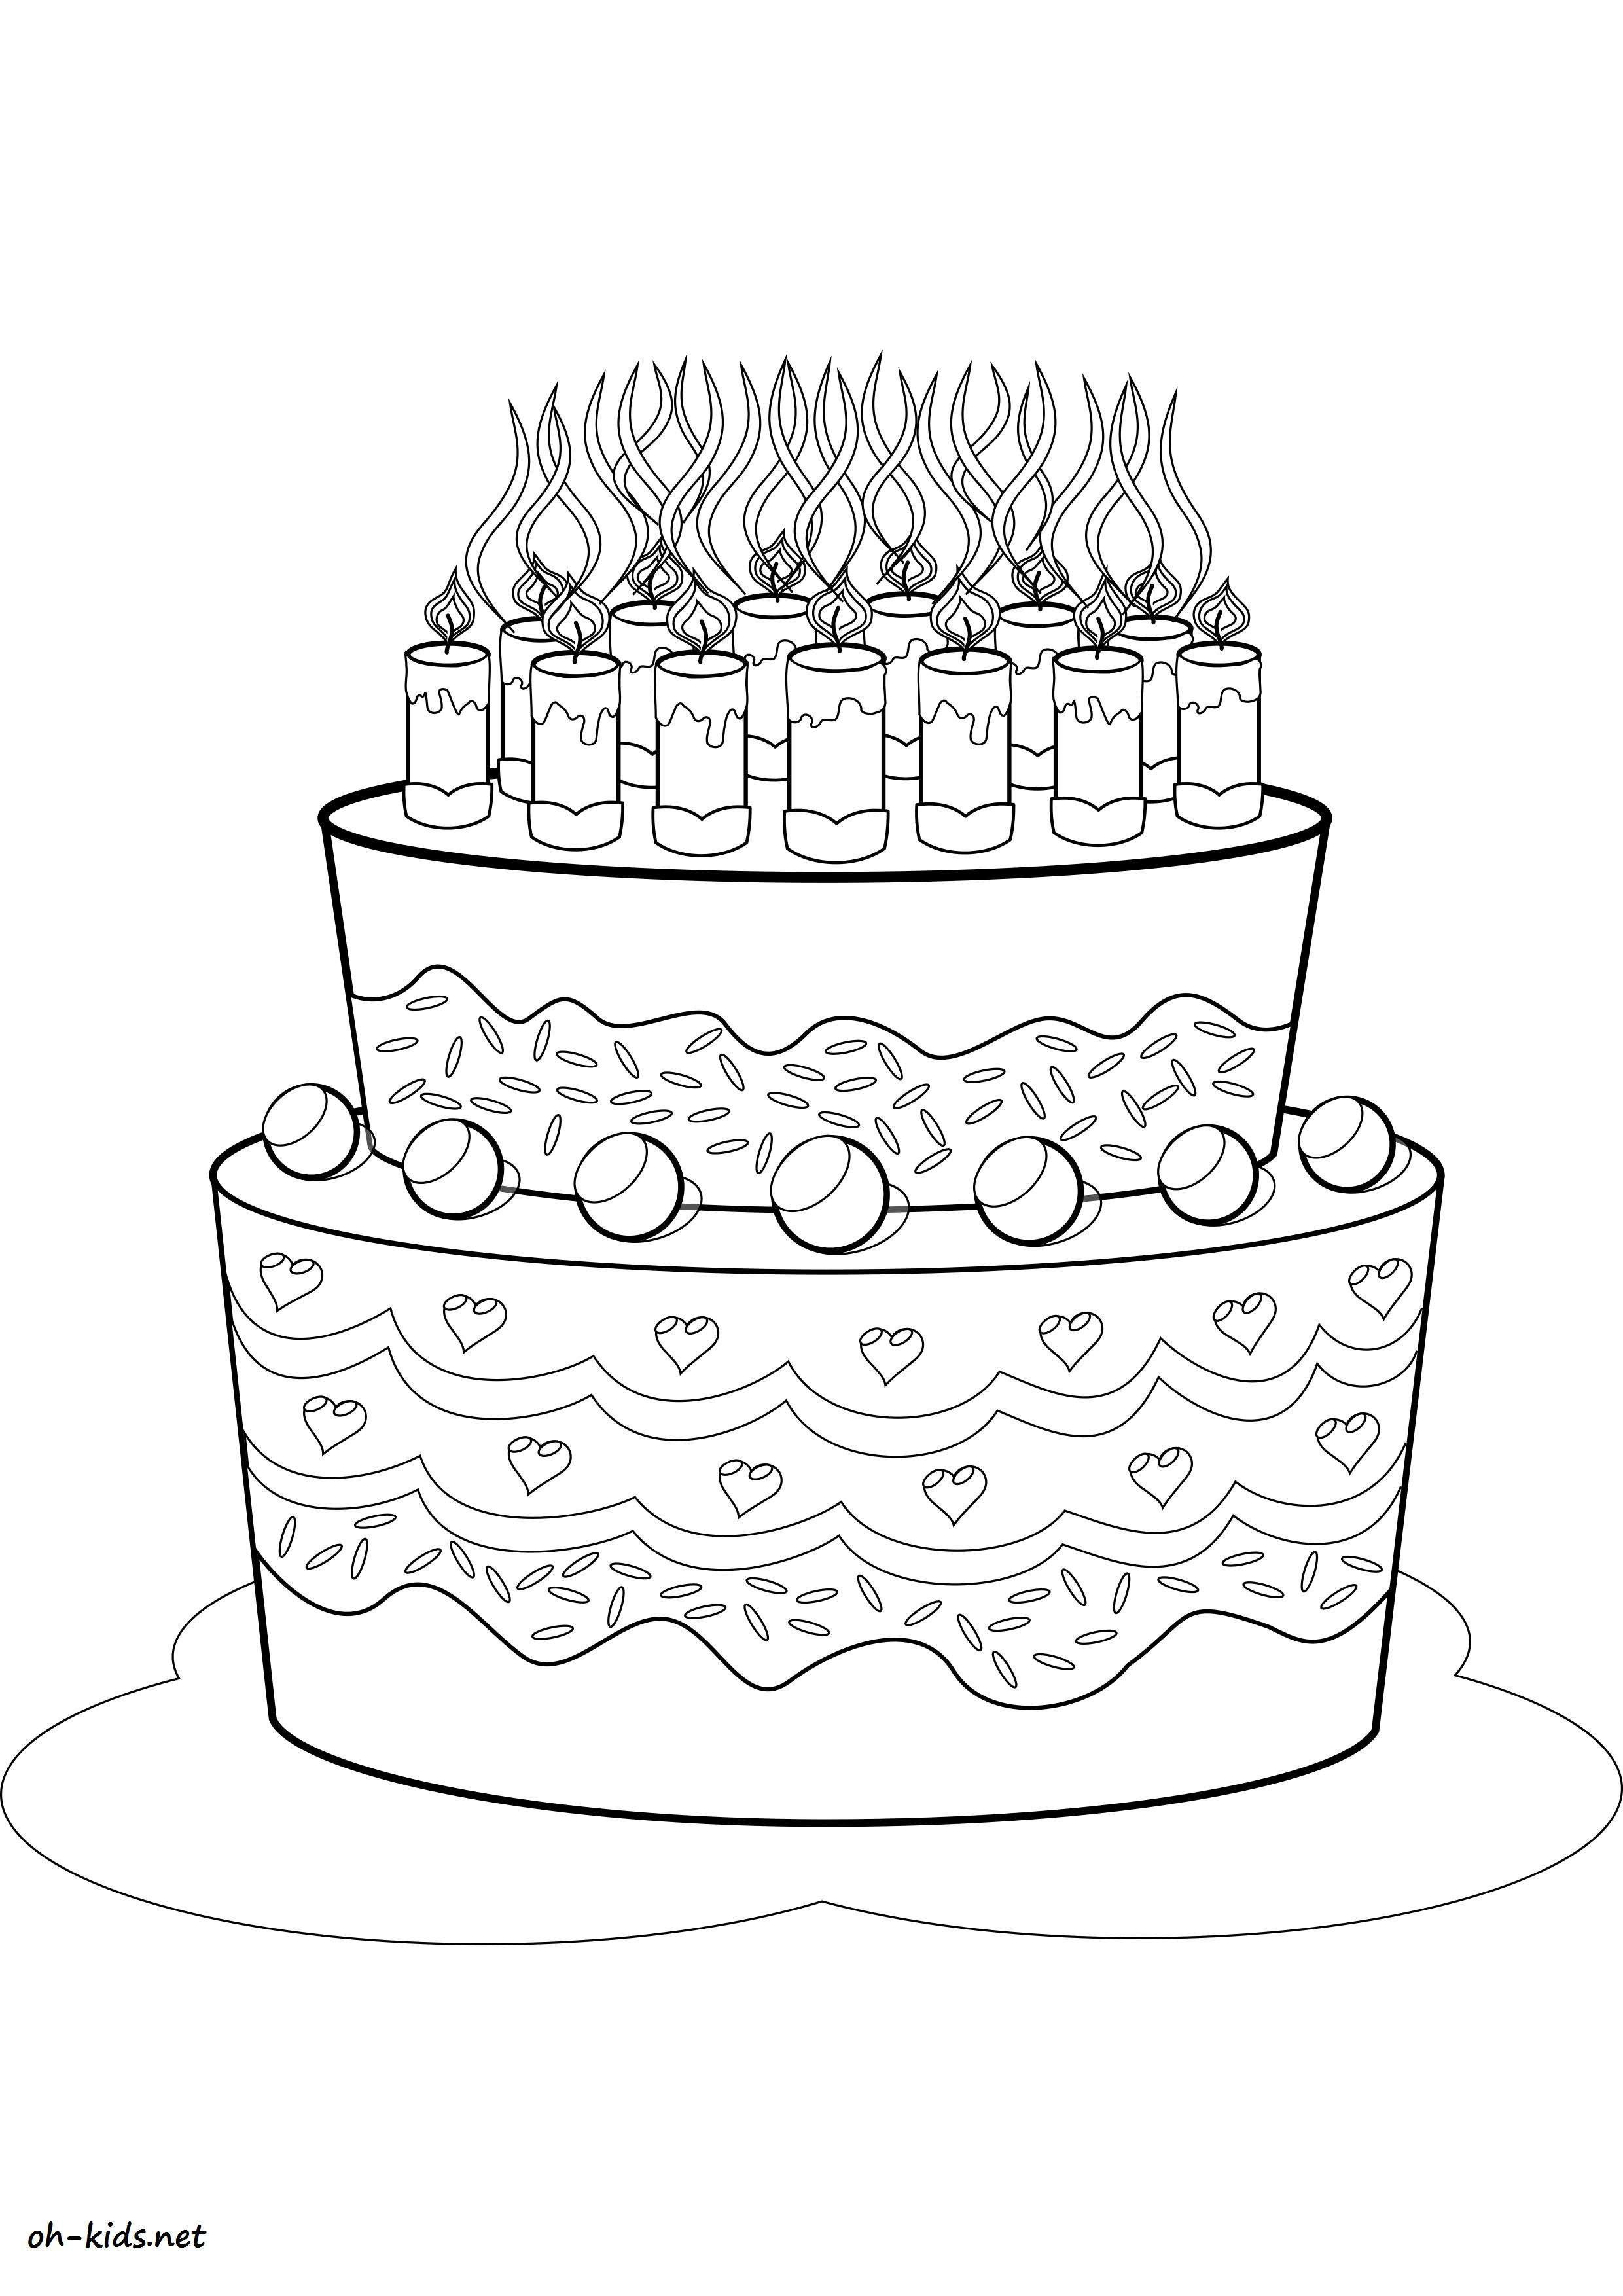 Meilleur de photo gateau anniversaire a colorier - Dessin sur gateau anniversaire ...